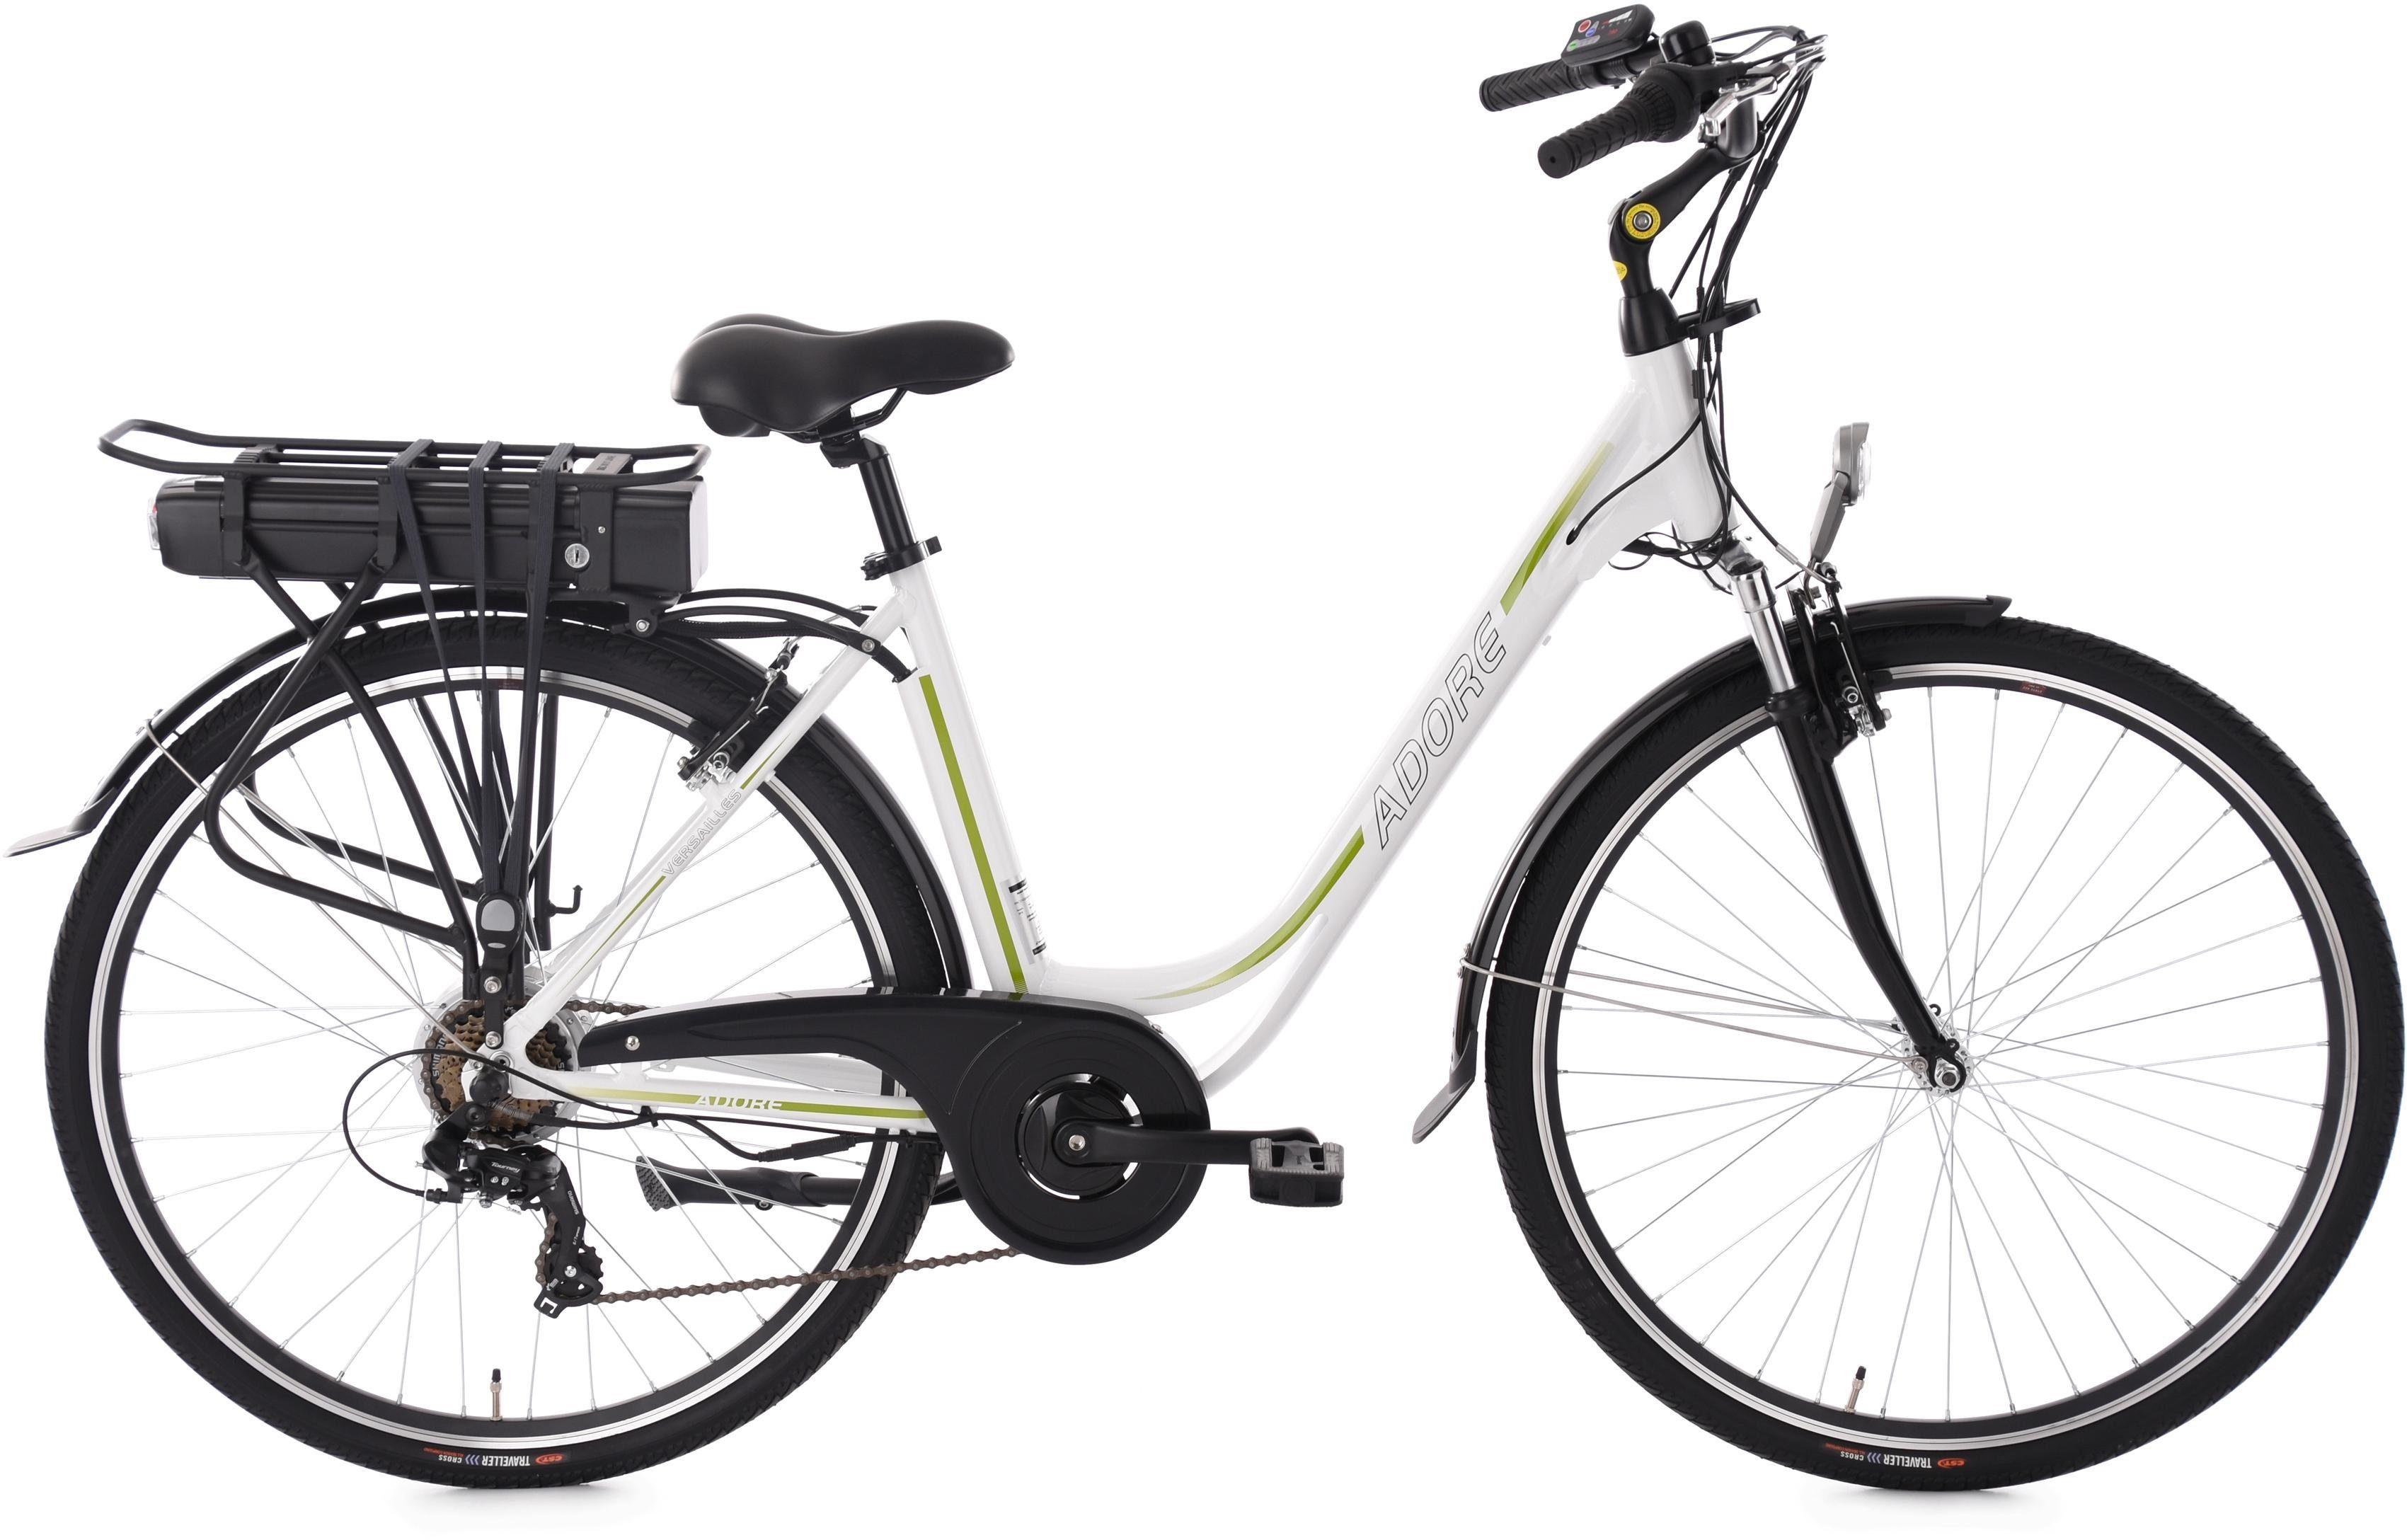 Adore Damen-E-Bike City, 28 Zoll, 7 Gänge, 250 Watt Li-Ion, 36V/10,4 Ah, weiß-grün, »Versailles«